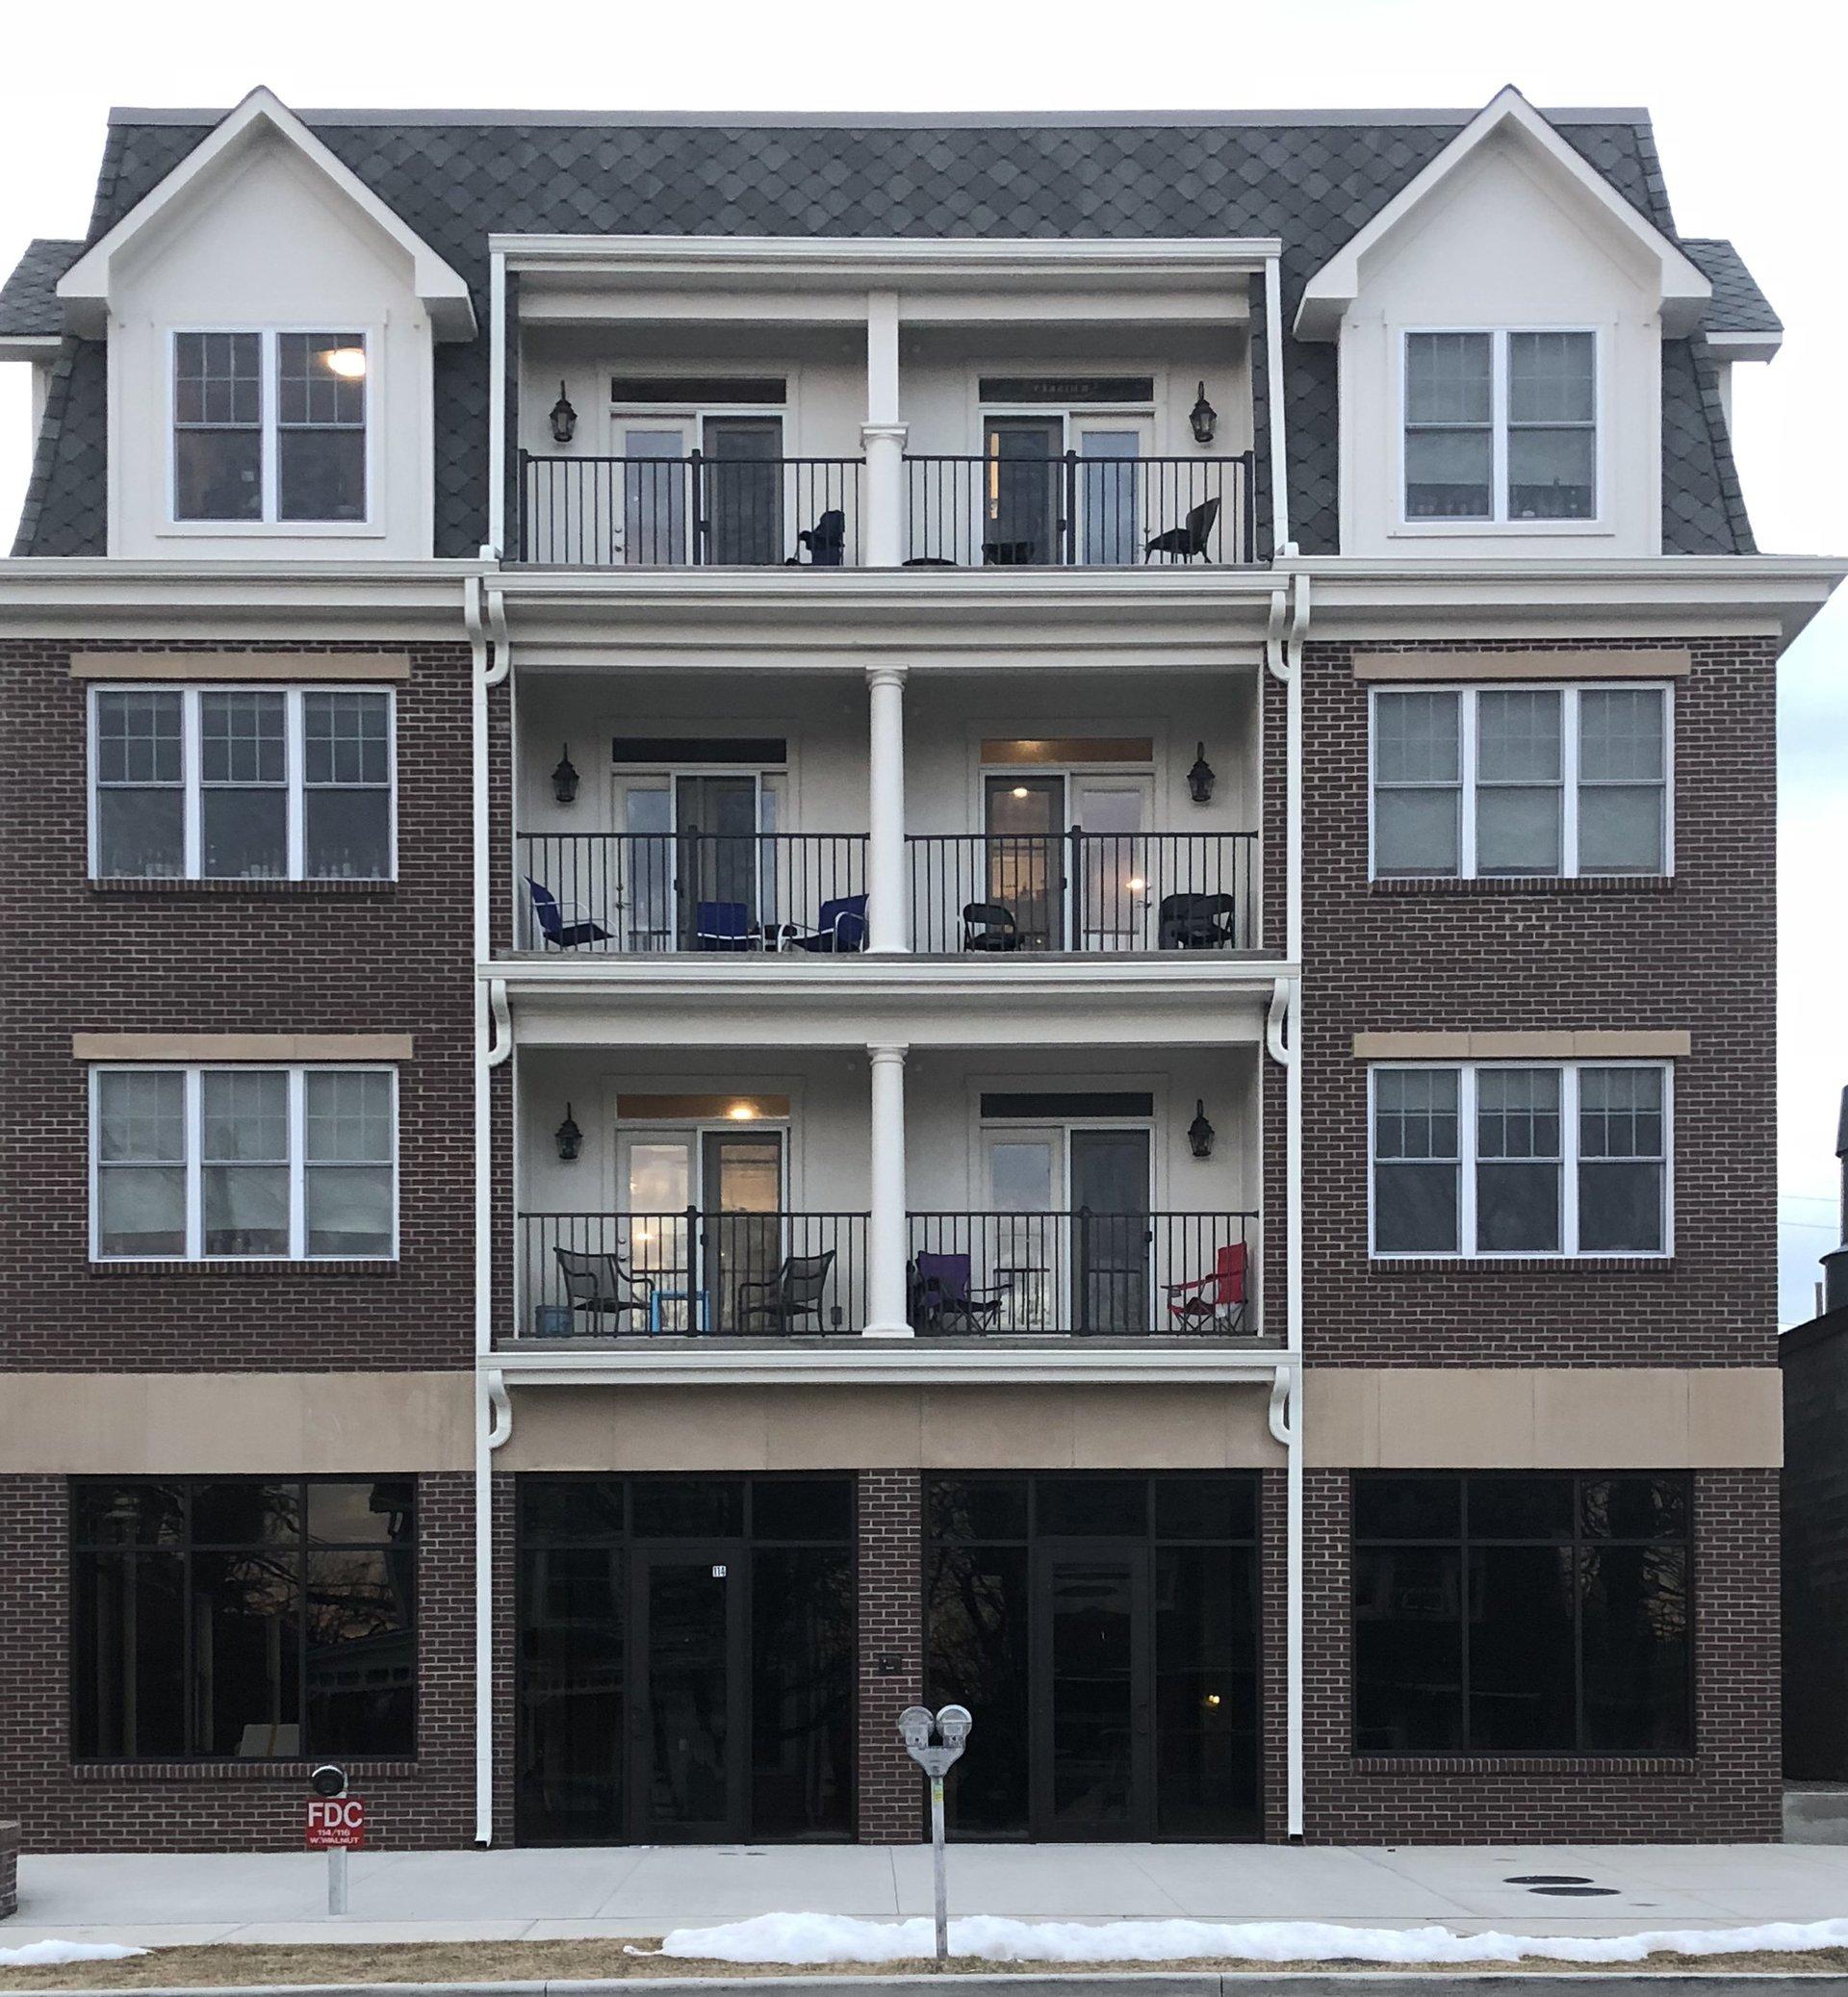 112 Park St Portland Me 04101 Rentals: Miami Student Apartments